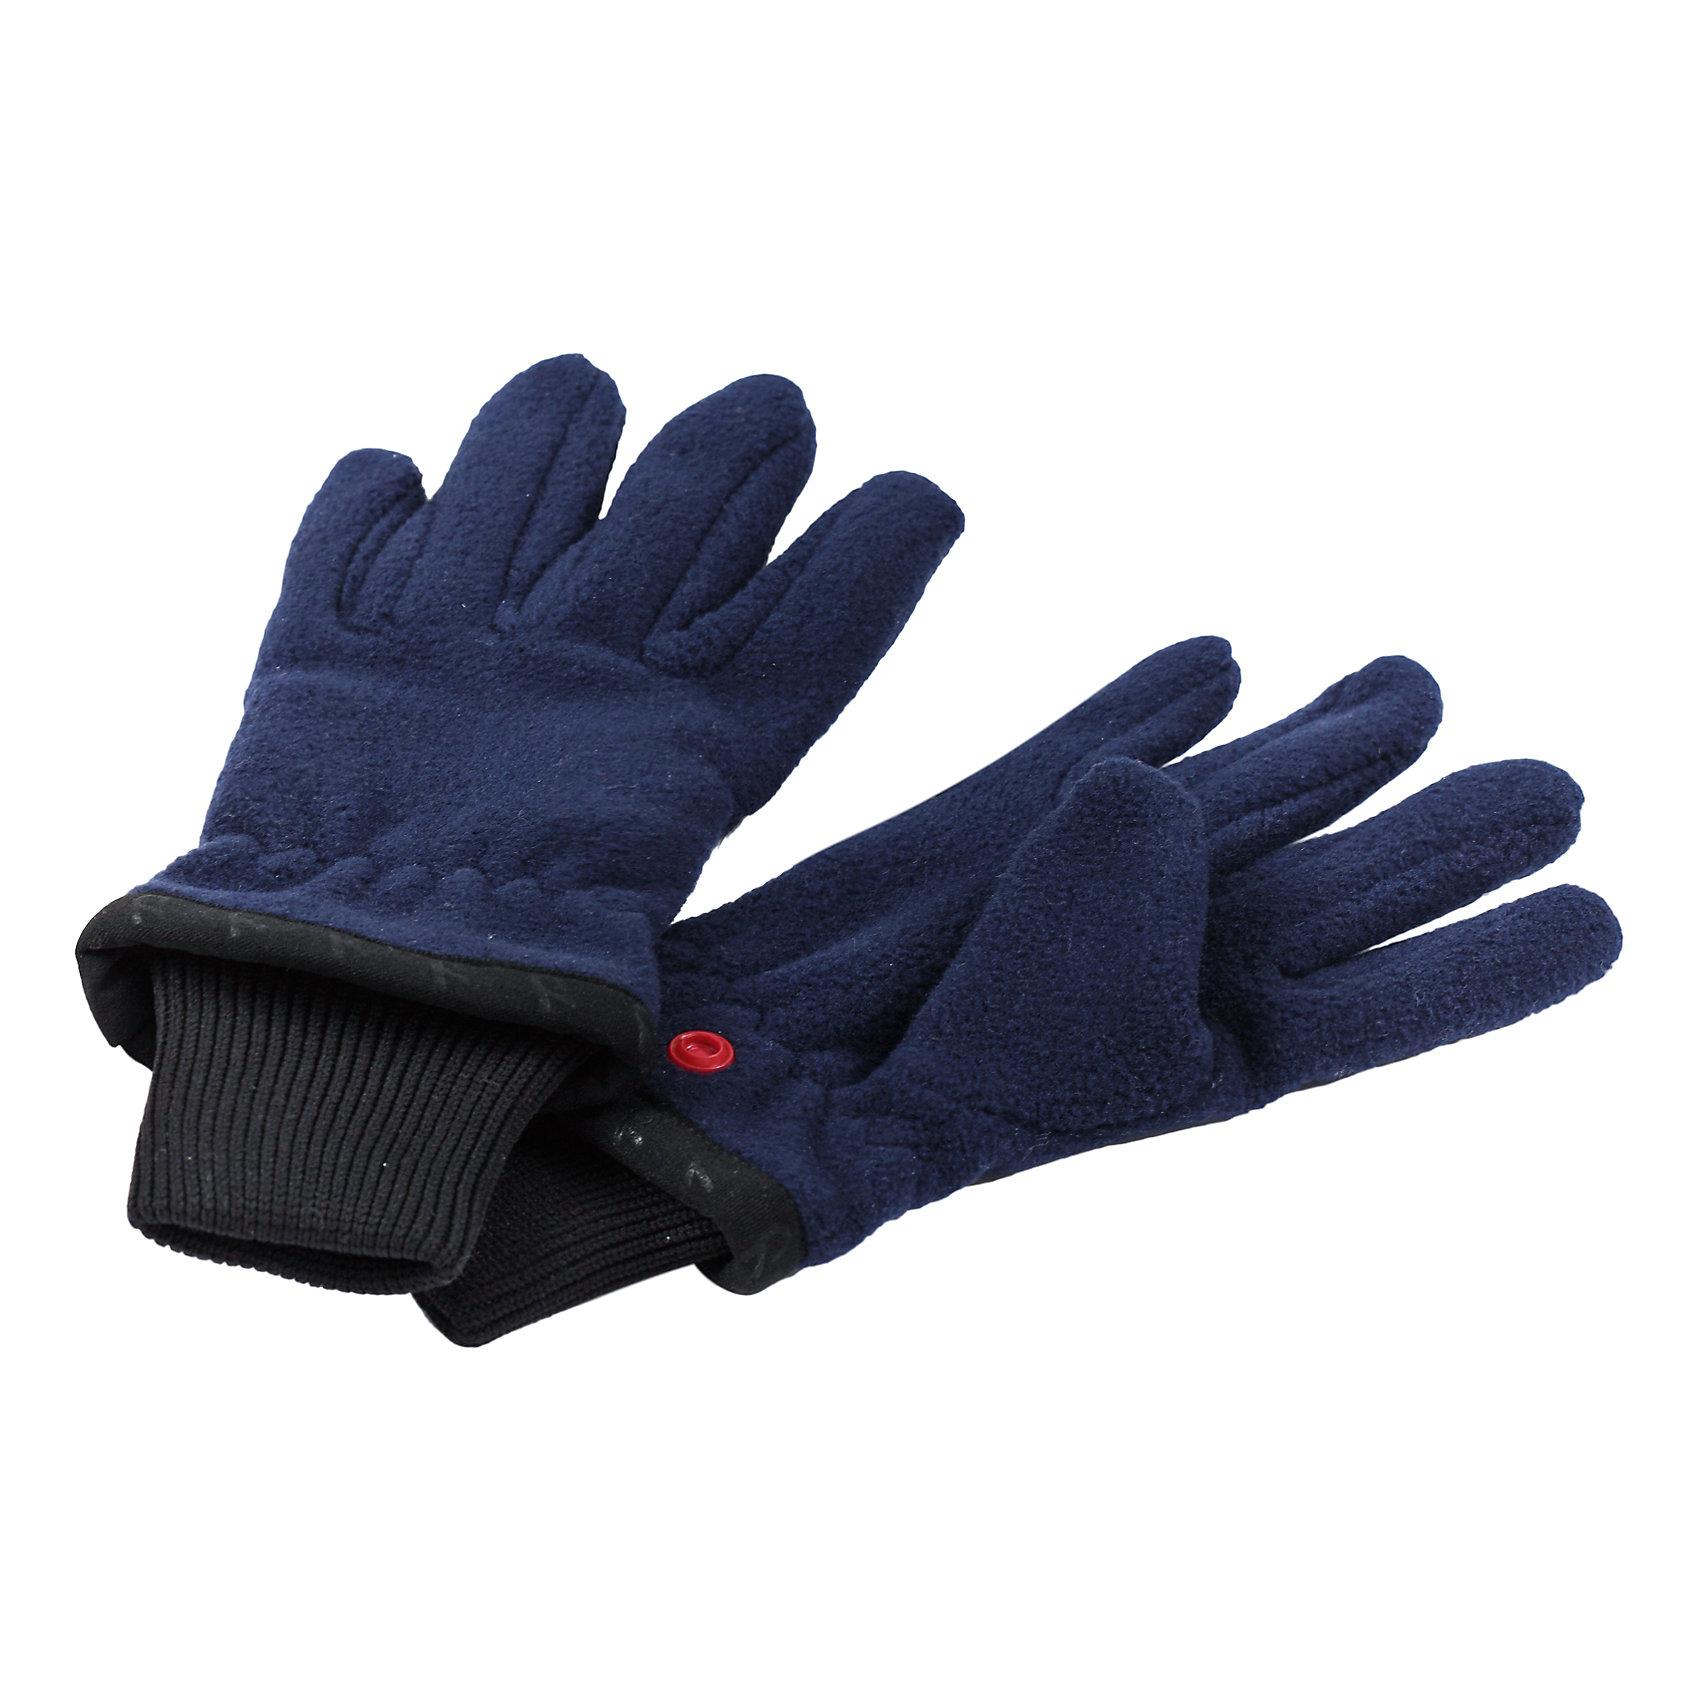 Перчатки для мальчика ReimaПопулярные флисовые перчатки из оригинальной коллекции Reima® - любцы детей в течение всего года! Во время сухих осенних и весенних дней перчатки - отличный выбор для игр на свежем воздухе, а в зимнее время они идеально подходят в качестве внутренних перчаток под соответствующие варежки и перчатки для обеспечения дополнительного тепла. Флис, используемый в качестве материала, дарит коже ощущение тепла и мягкости, а эластичные рифленые манжеты дают дополнительное ощущение плотности и хорошей посадки перчаток. Благодаря кнопках можно легко скрепить перчатки для хранения.<br><br>Дополнительная информация:<br><br>Флисовые перчатки для малышей и детей<br>Теплый флисовый материал<br>Эластичная манжета<br>Кнопки-застежки позволяют хранить перчатки вместе<br><br>Перчатки для мальчика от популярного финского бренда Reima (Рейма) можно купить в нашем магазине.<br><br>Ширина мм: 162<br>Глубина мм: 171<br>Высота мм: 55<br>Вес г: 119<br>Цвет: синий<br>Возраст от месяцев: 72<br>Возраст до месяцев: 96<br>Пол: Мужской<br>Возраст: Детский<br>Размер: 5,6,6,4<br>SKU: 4417374